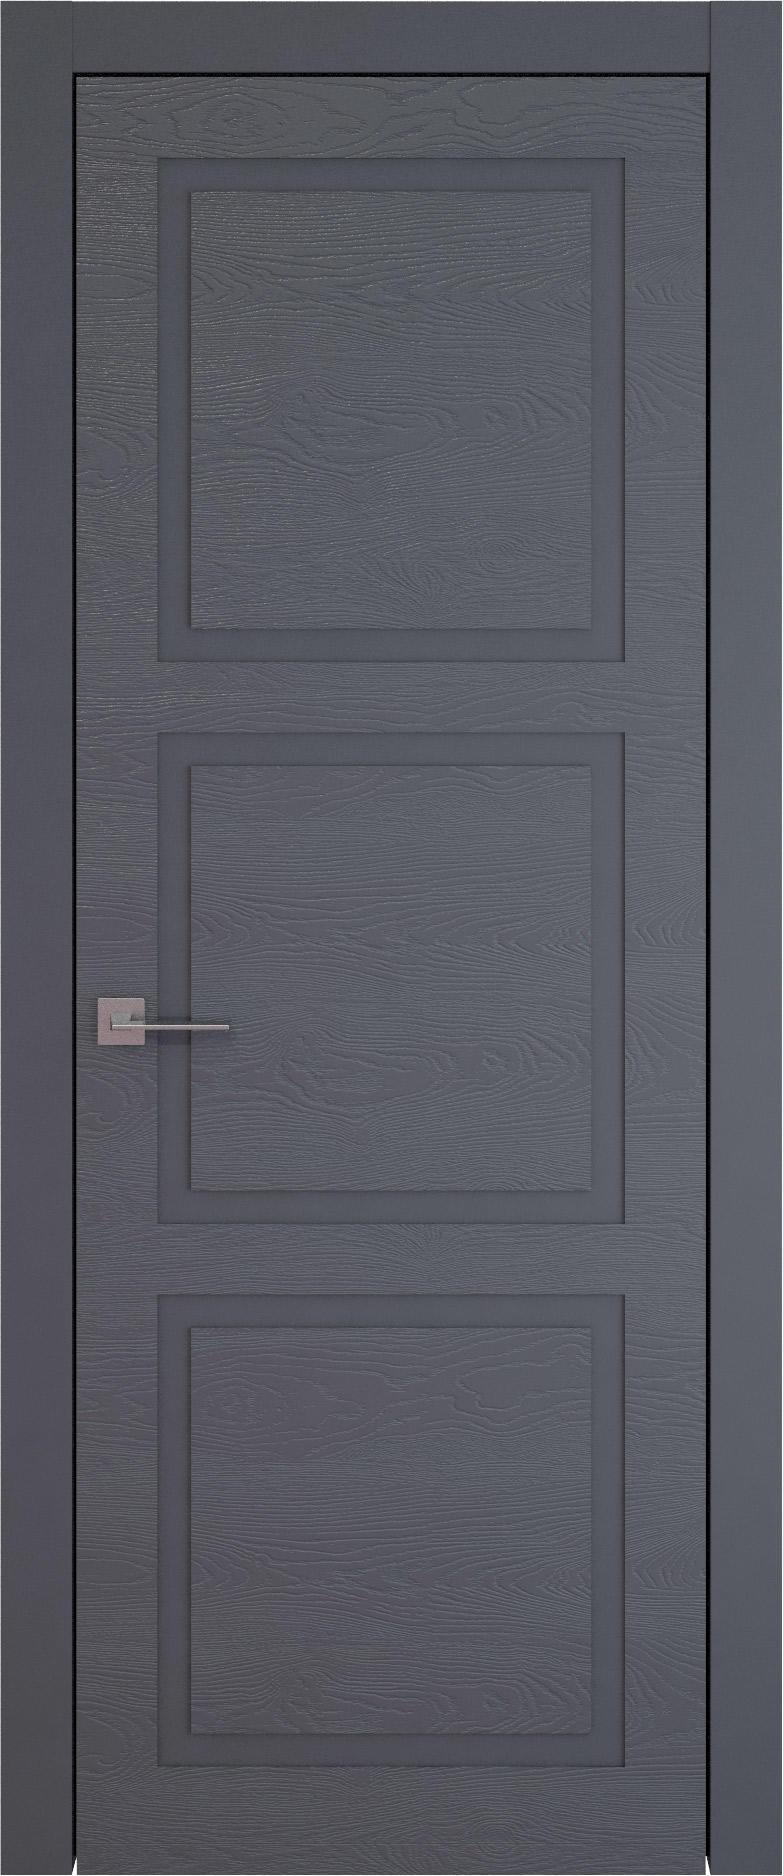 Tivoli Л-5 цвет - Графитово-серая эмаль по шпону (RAL 7024) Без стекла (ДГ)